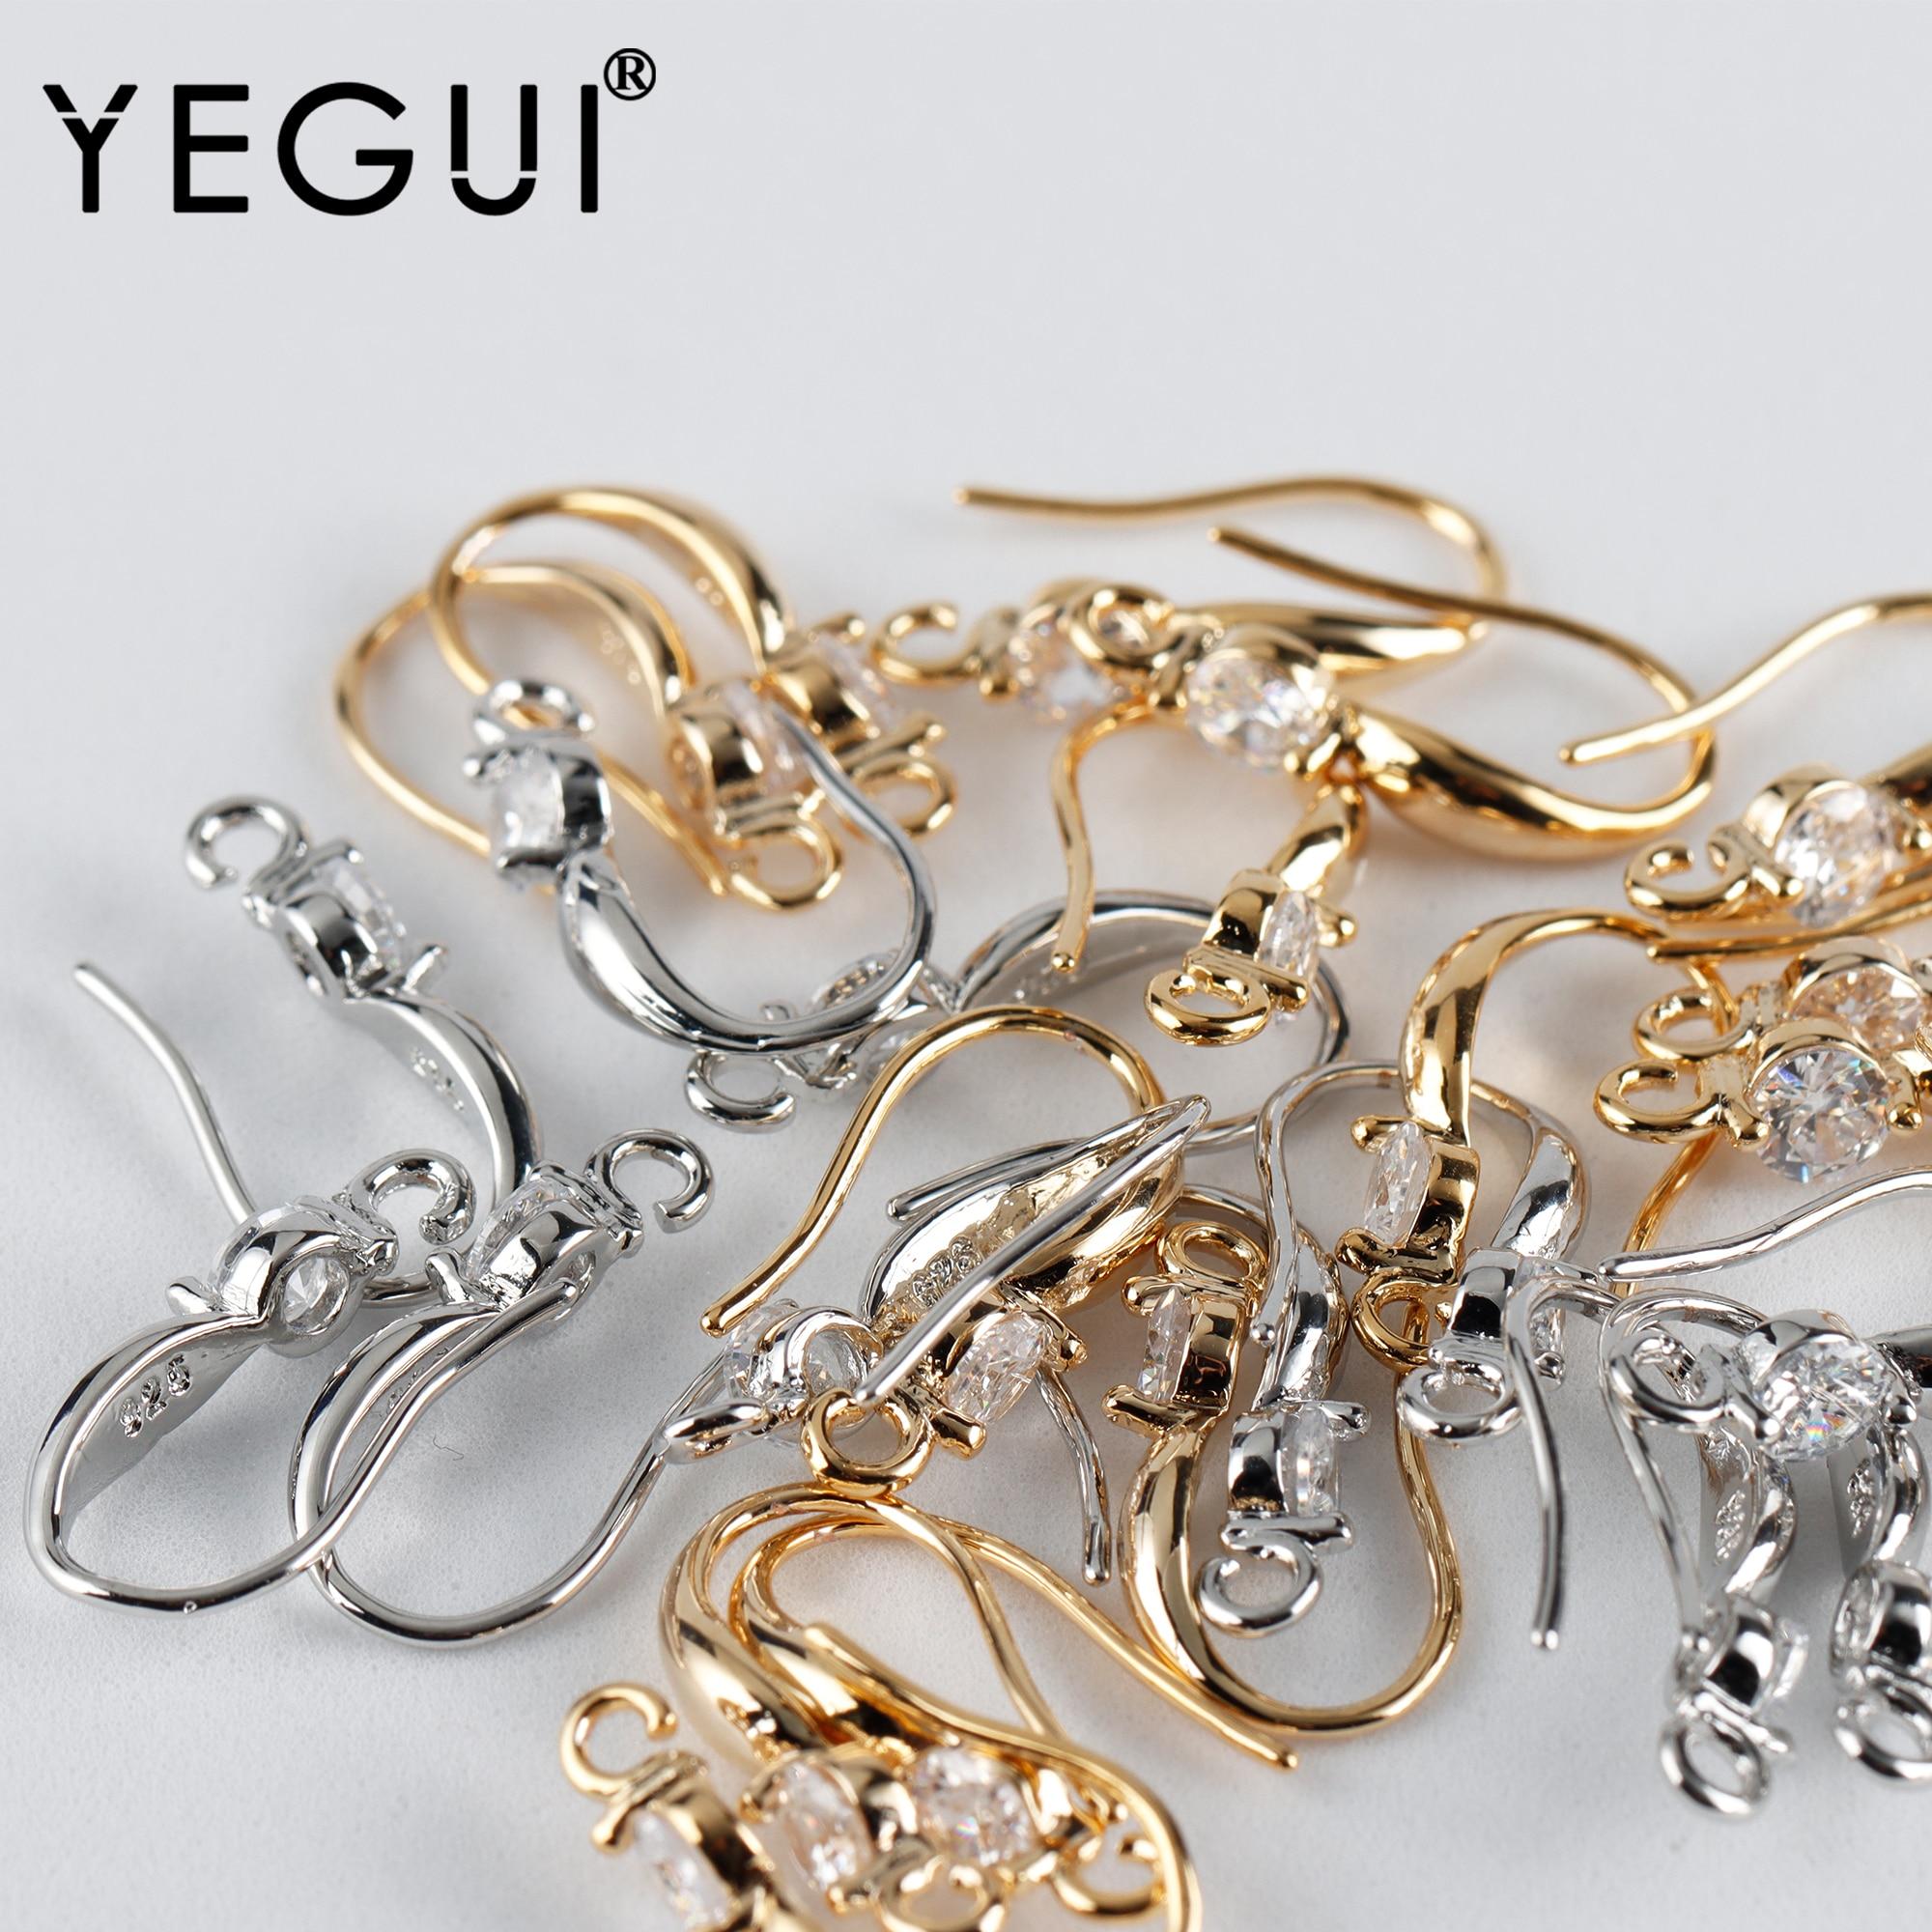 YEGUI M926, аксессуары для ювелирных изделий, позолоченные 18k, медный металл, родиевое покрытие, циркон, очаровательные, diy серьги, изготовление ю...